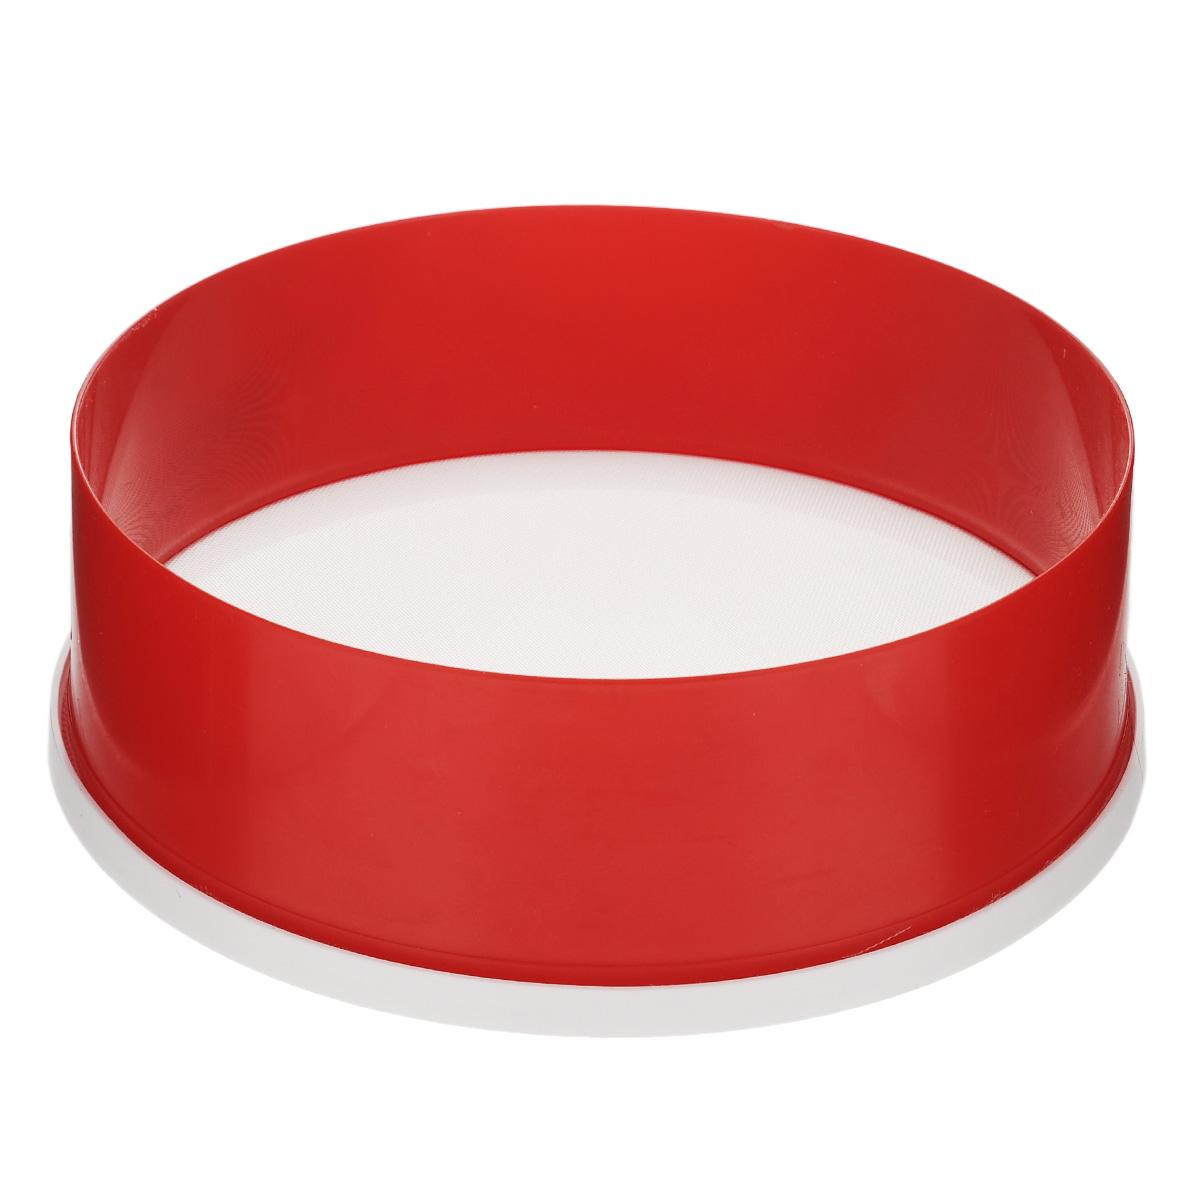 Сито Альтернатива, цвет: красный, белый, диаметр 22 смM071Сито Альтернатива выполнено из высококачественного пластика. Сито предназначено для просеивания муки,процеживания и промывания продуктов. Прочная сетка и корпус обеспечивают изделию износостойкость идолговечность. Такое сито станет достойным дополнением к кухонному инвентарю. Диаметр: 22 см. Высота стенок: 7,5 см.